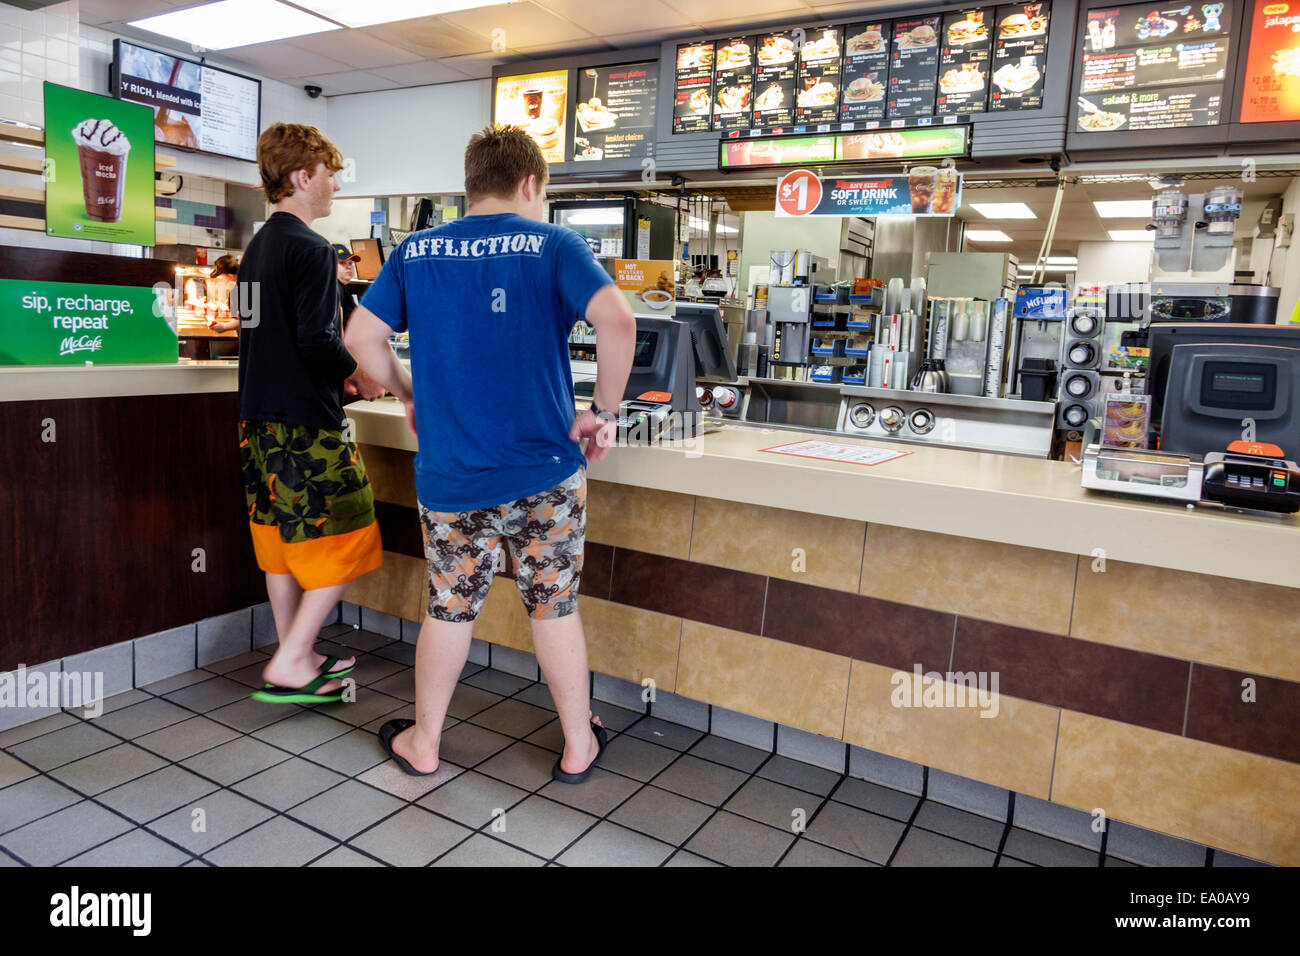 Florida Okeechobee restaurante McDonald's fast food dentro de counter jovencito amigos clientes Imagen De Stock